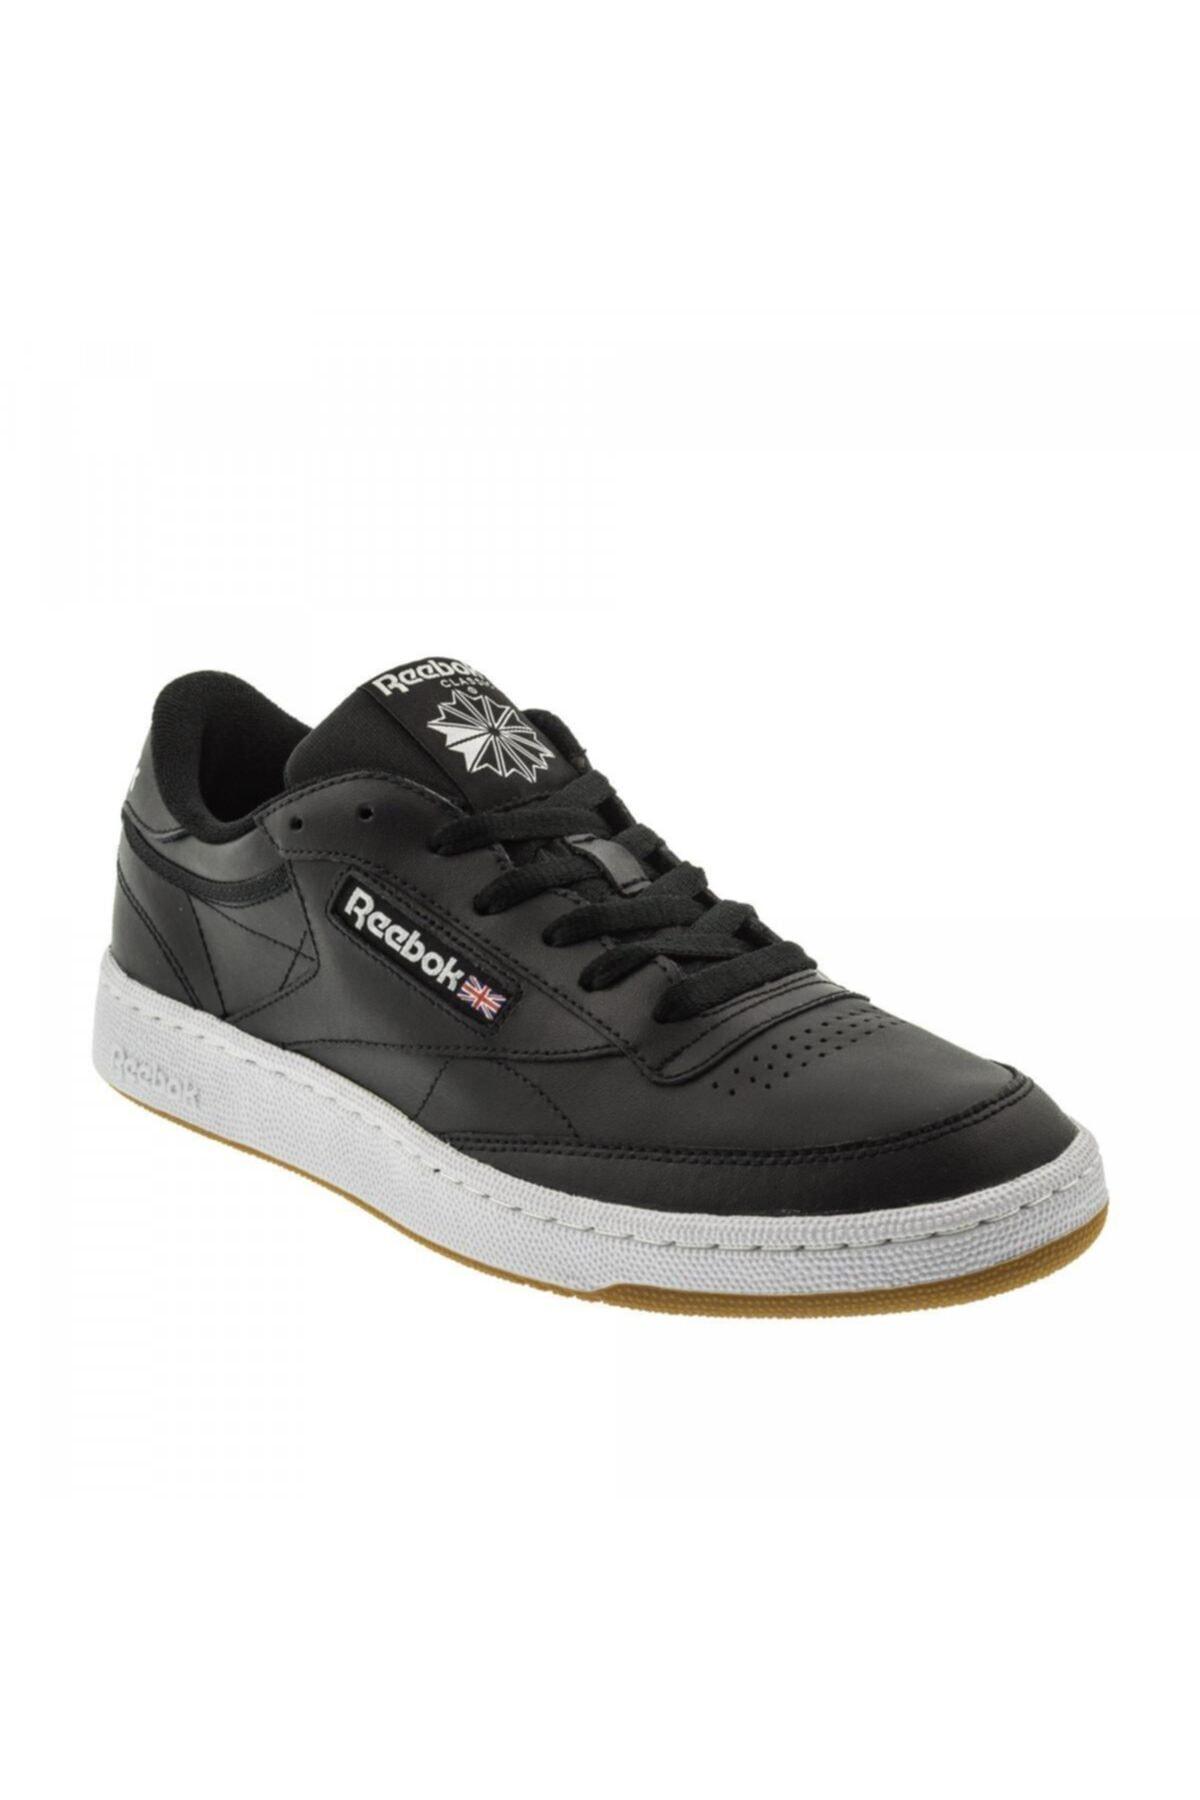 Reebok Club C 85-1 Siyah BEYAZ Erkek Sneaker 100351214 1